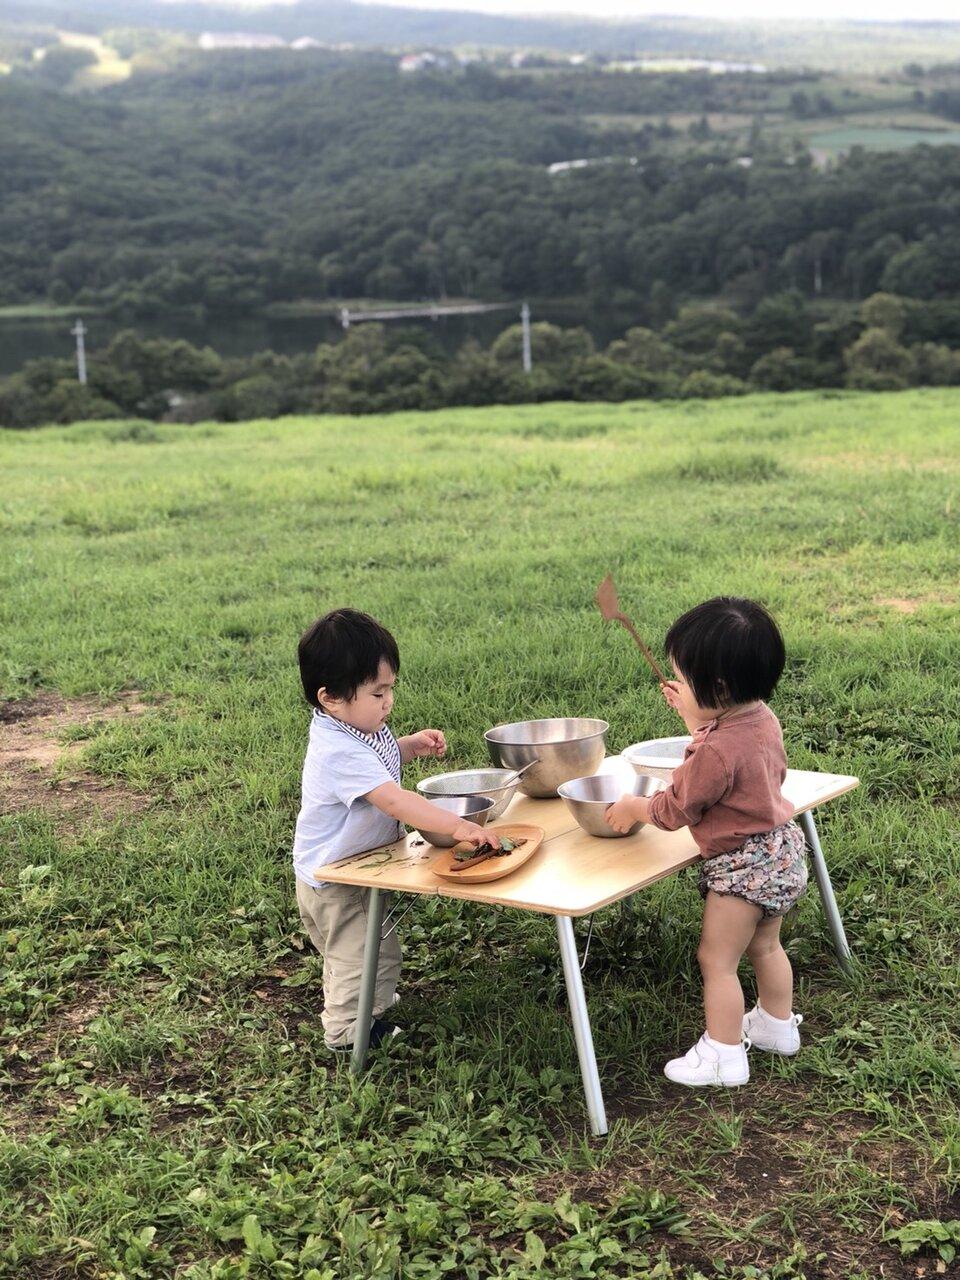 自然のなかで味わうのも食育のひとつ。<br> 写真提供 植松良枝